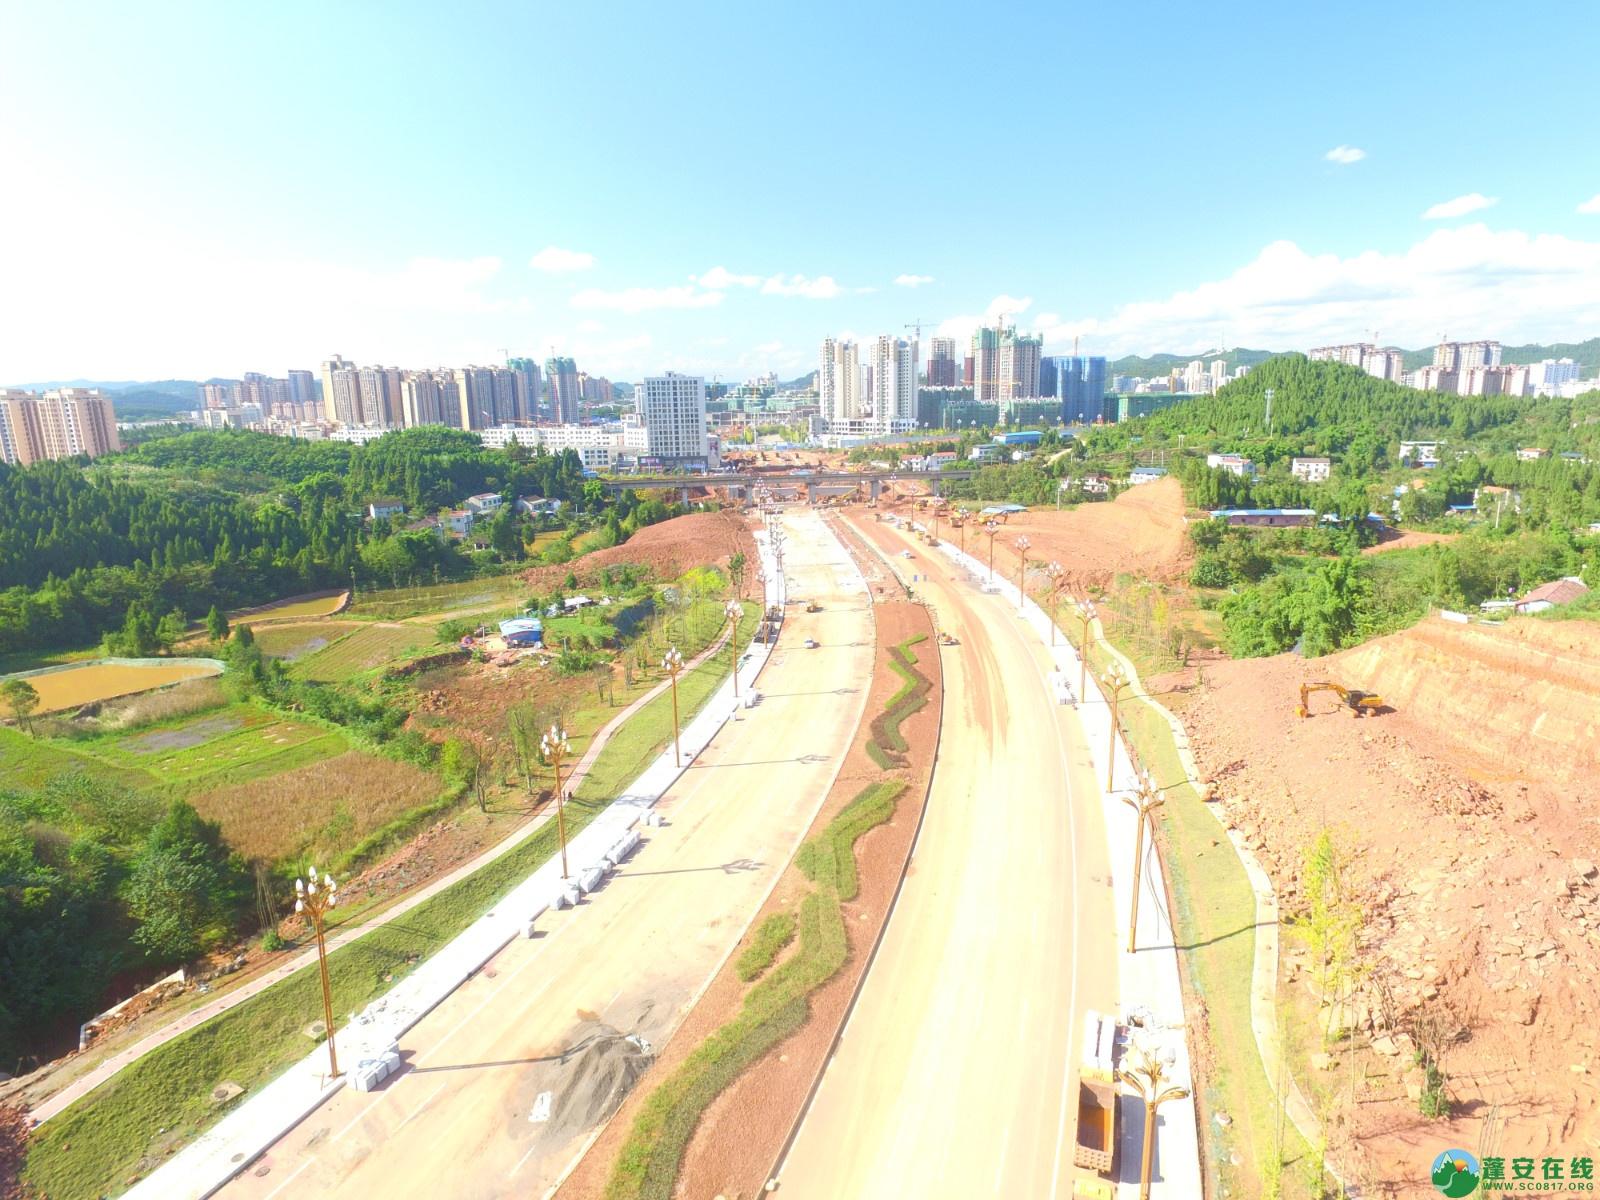 蓬安县燕山大道最新进展(2019.10.17) - 第6张  | 蓬安在线